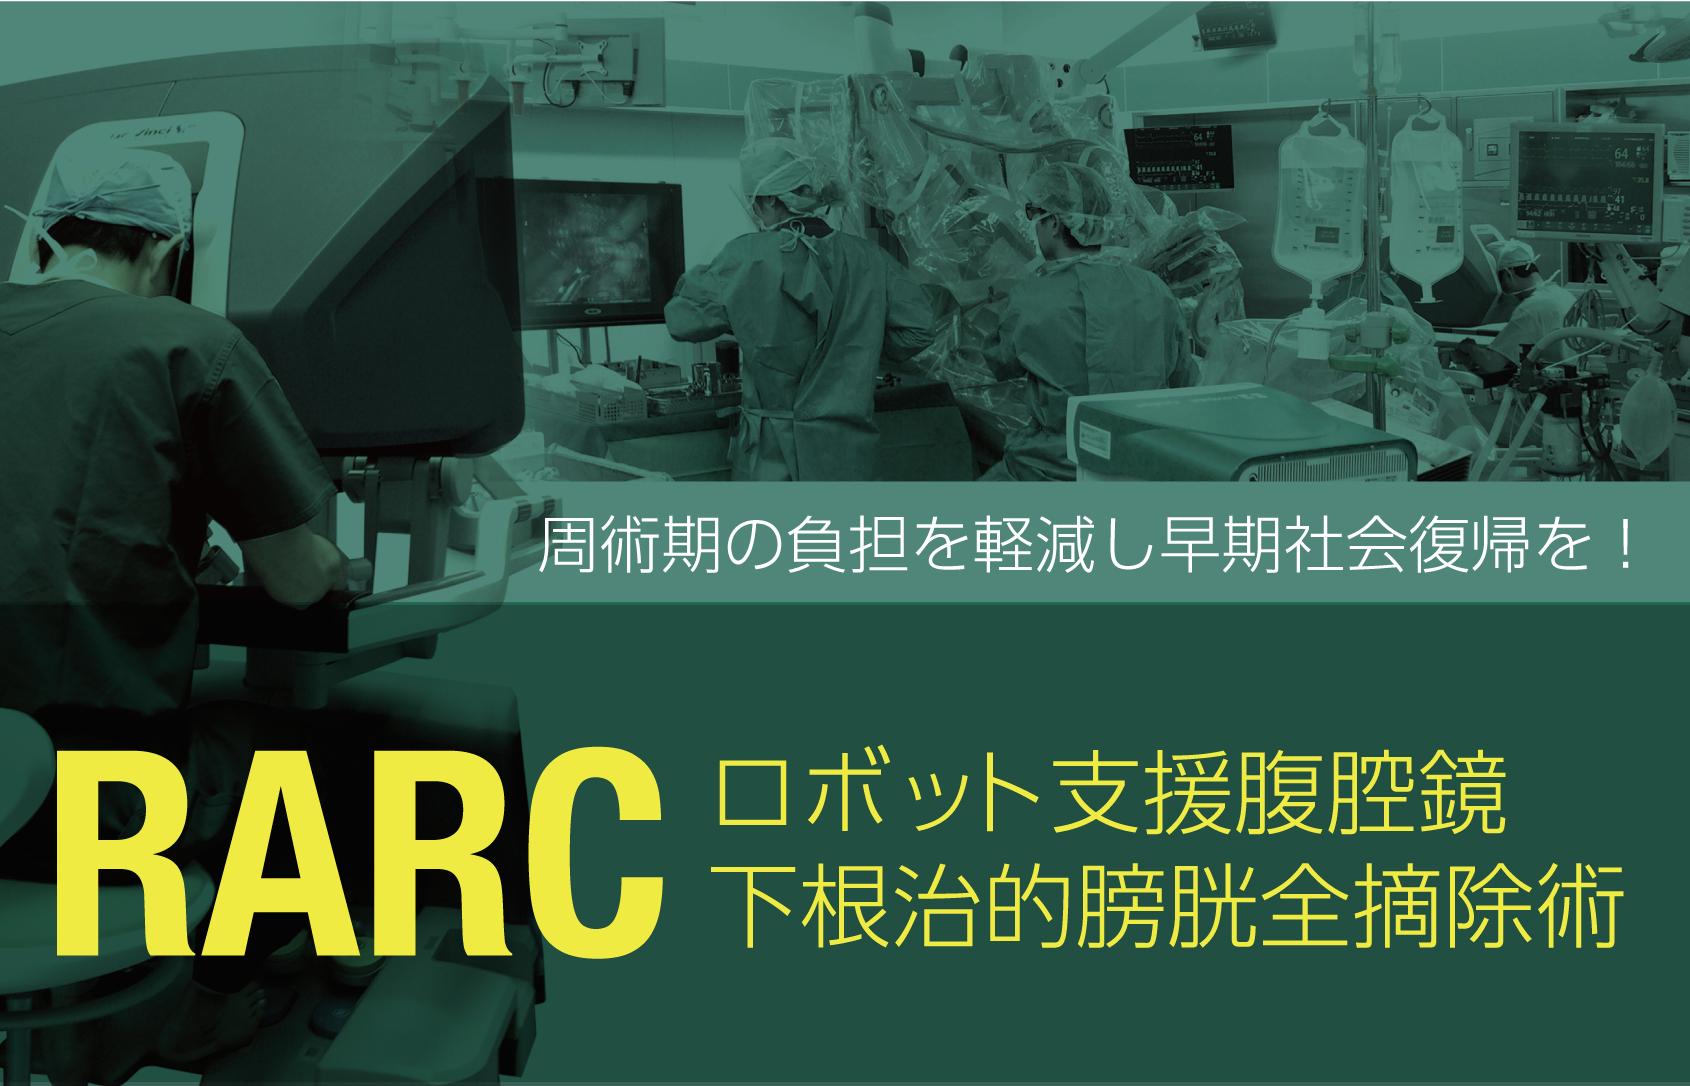 周術期の負担を軽減し早期社会復帰を!「ロボット支援腹腔鏡下根治的膀胱全摘除術(RARC)